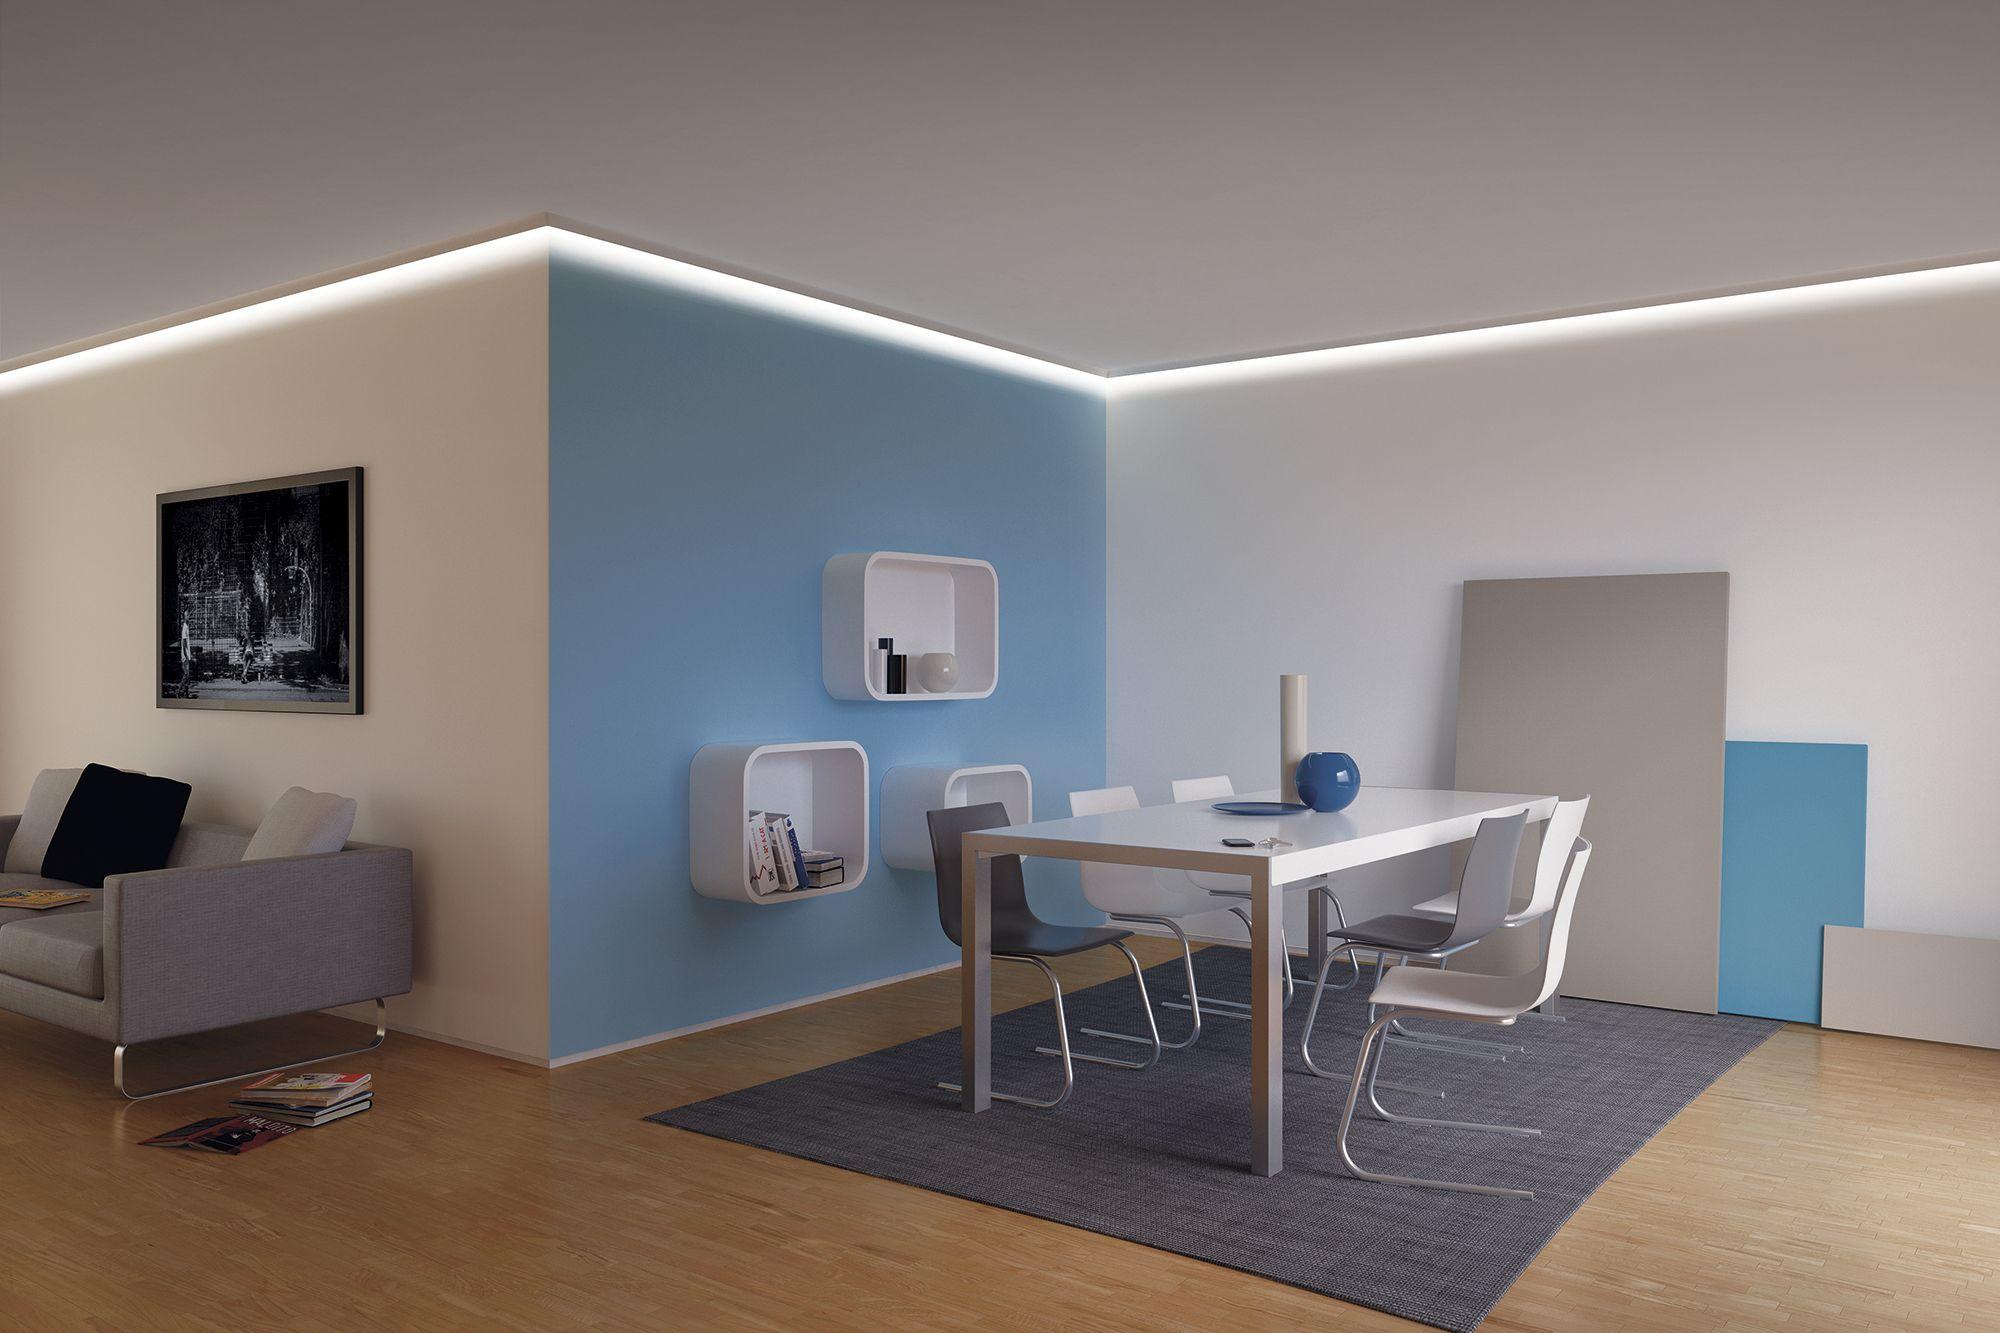 Full Size of Wohnzimmer Led Beleuchtung Wohnzimmerleuchten Dimmbar Lampe Schwarzes Ledersofa Moderne Indirekte Wohnzimmerleuchte Mit Fernbedienung Decke Einrichten Modern Wohnzimmer Wohnzimmer Led